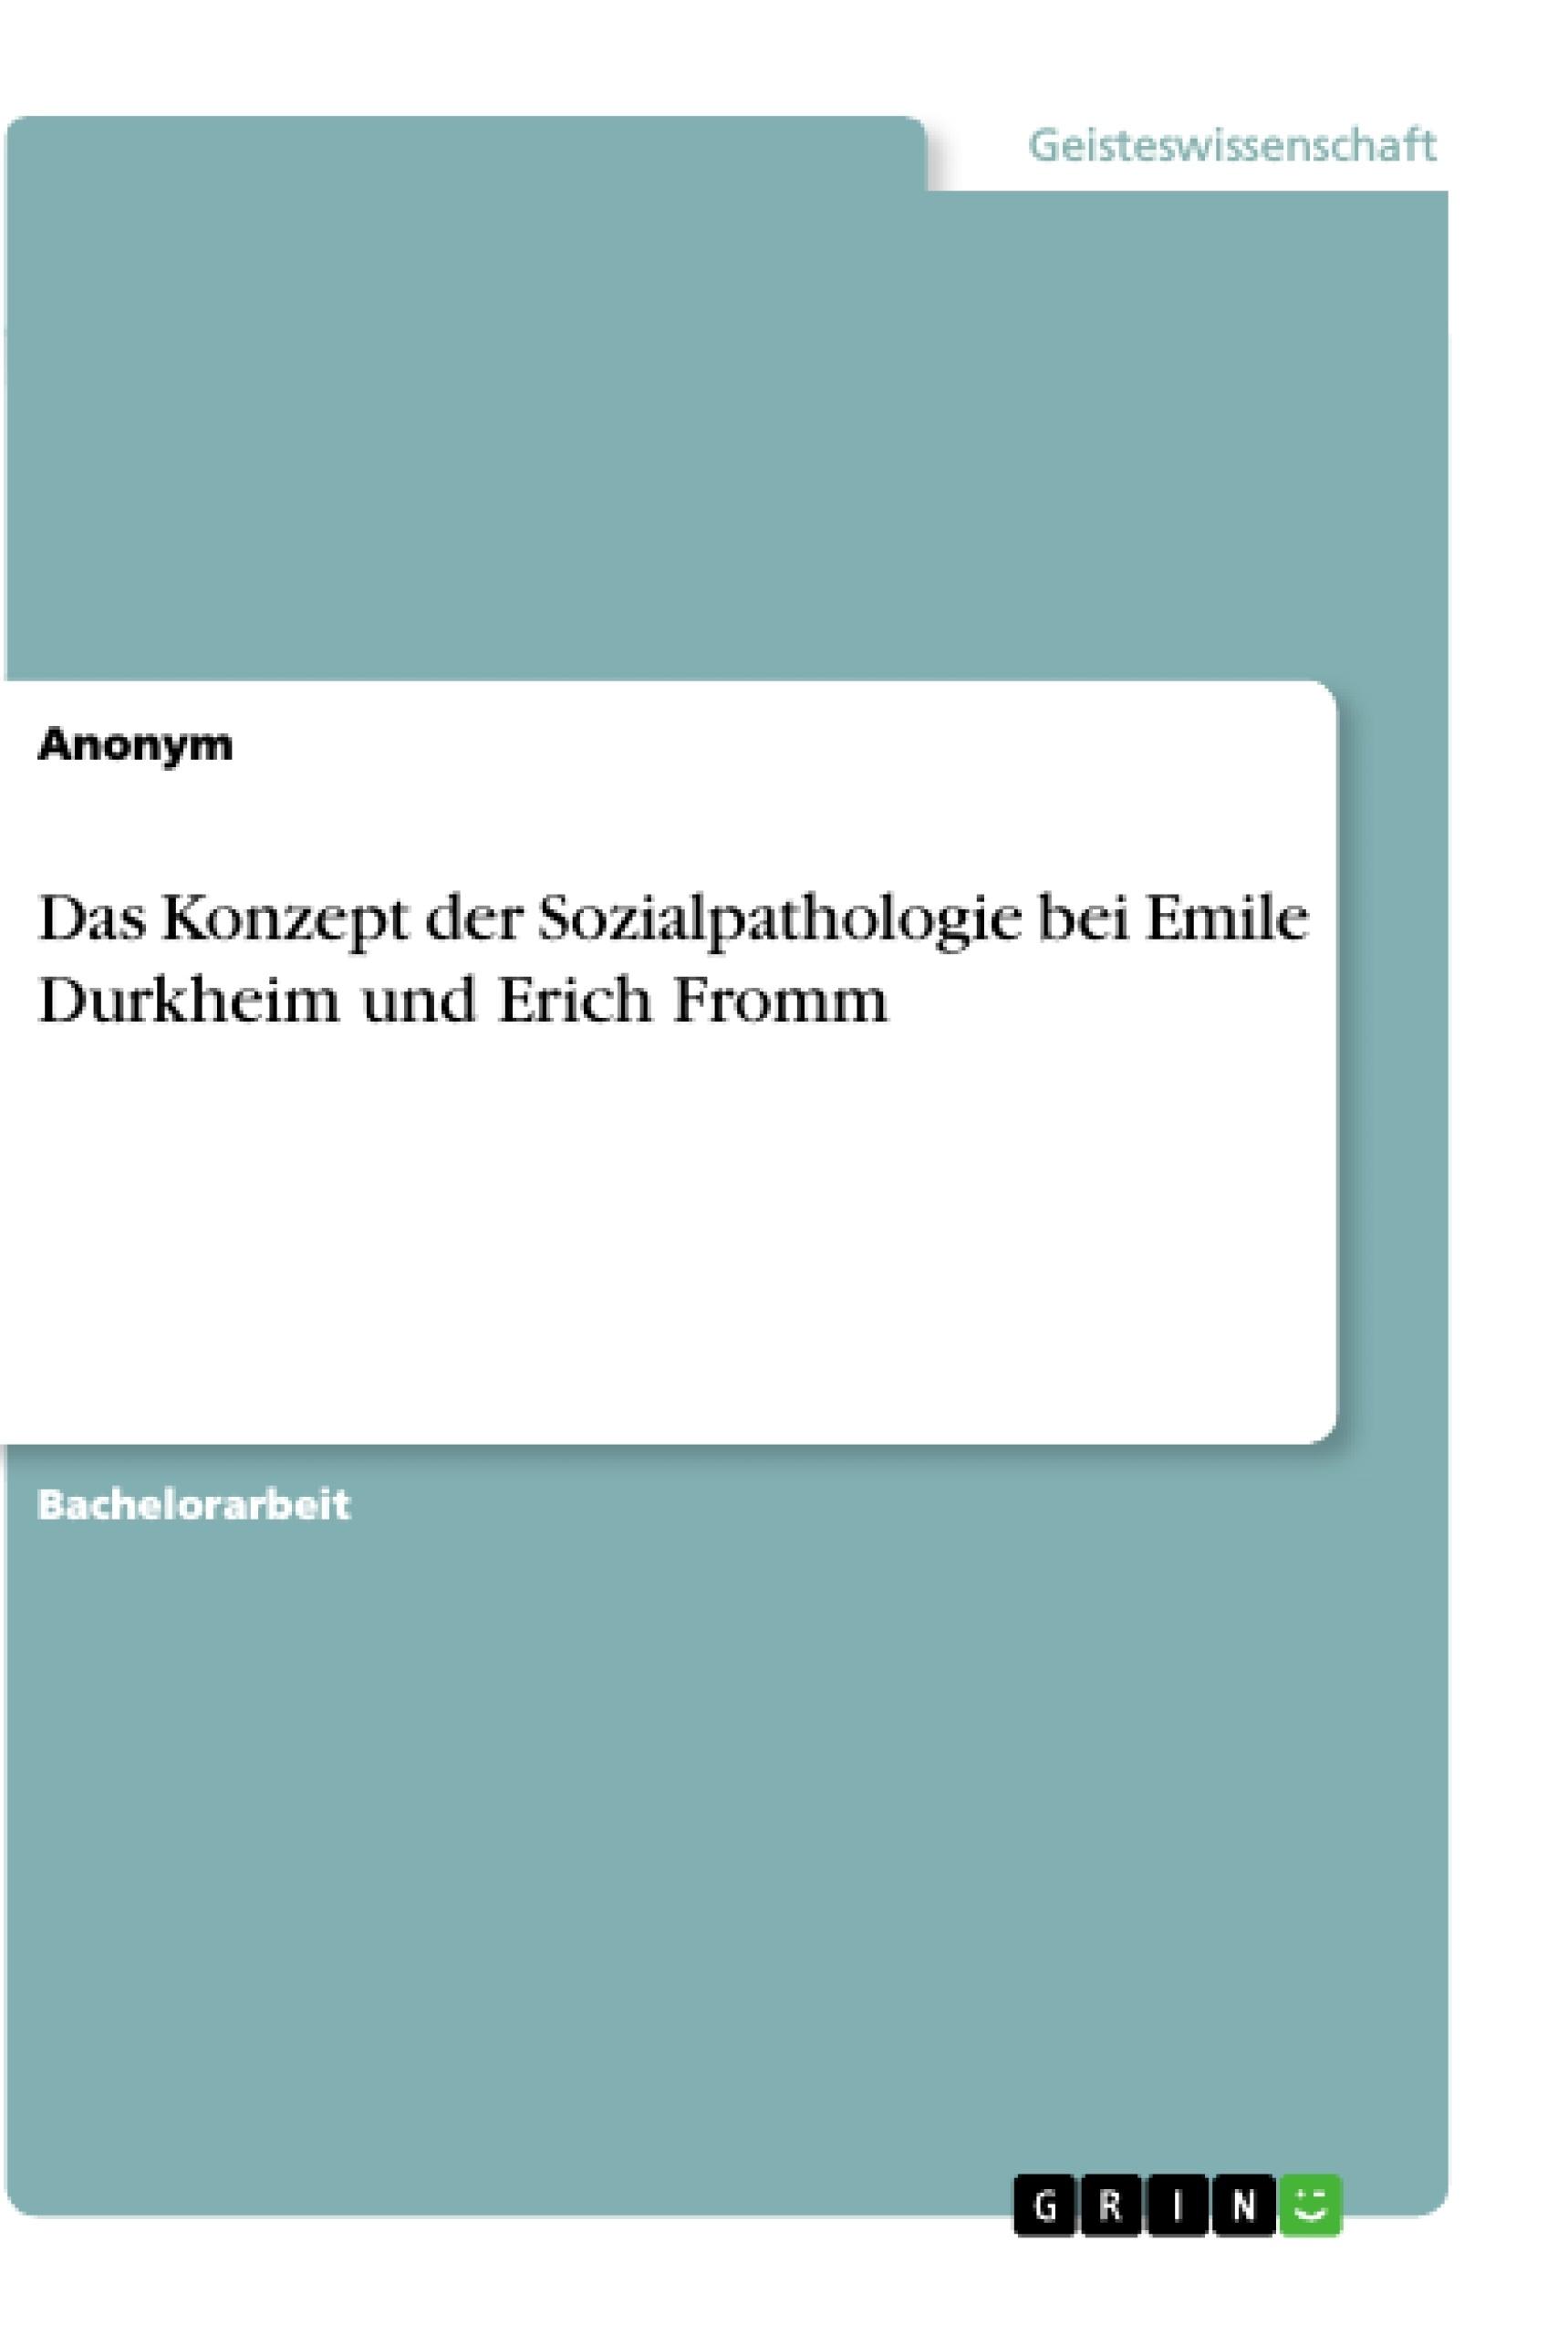 Titel: Das Konzept der Sozialpathologie bei Emile Durkheim und Erich Fromm